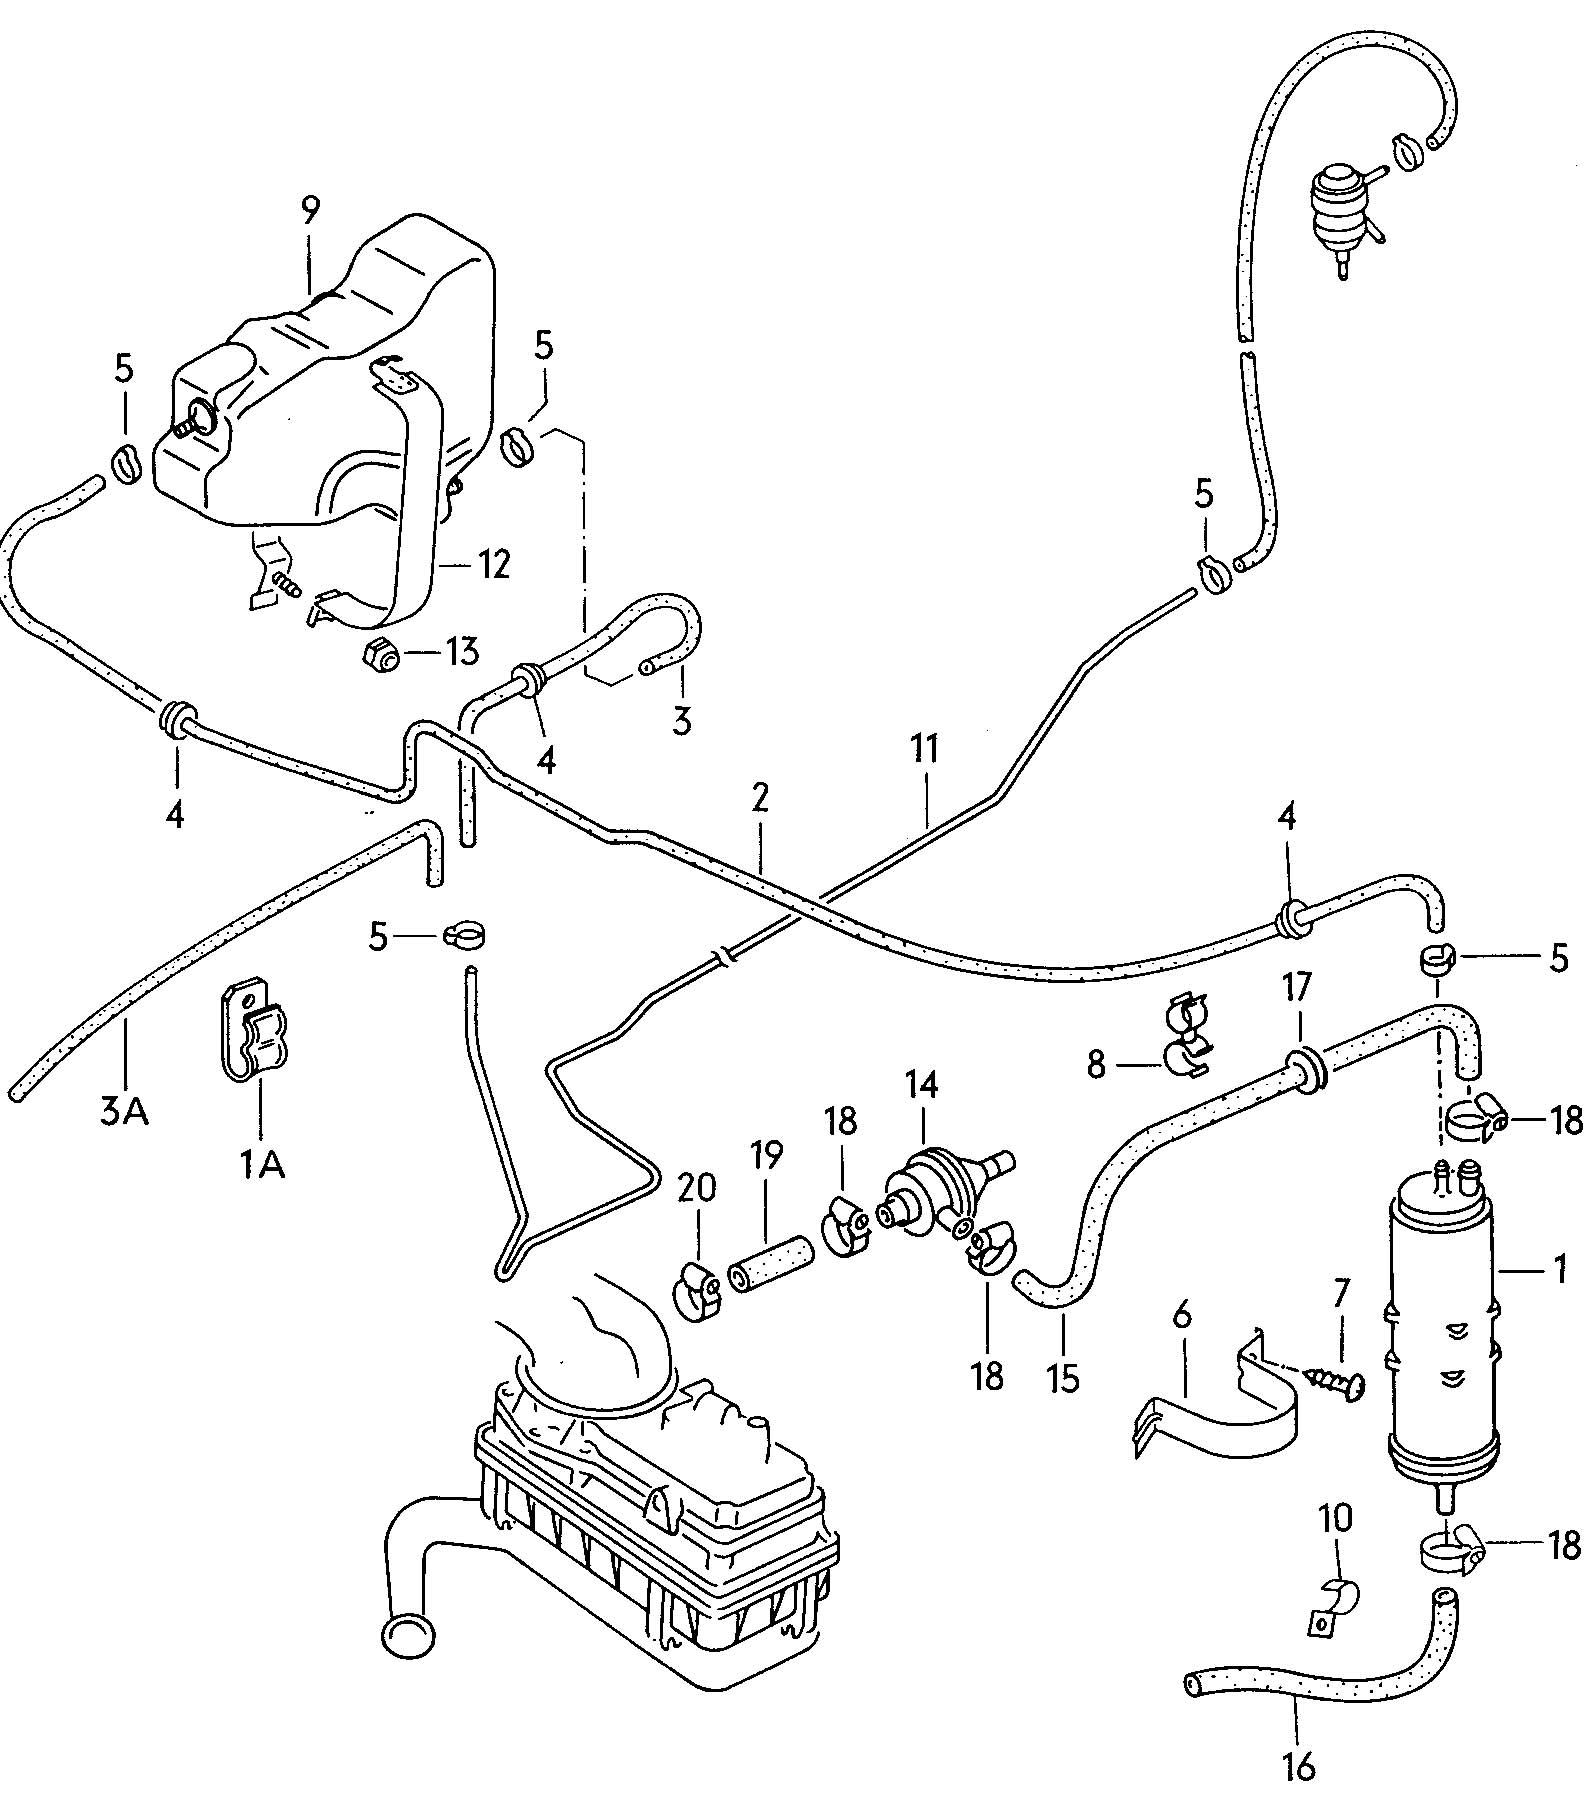 Volkswagen Rabbit Evaporative Emission Canister Expansion